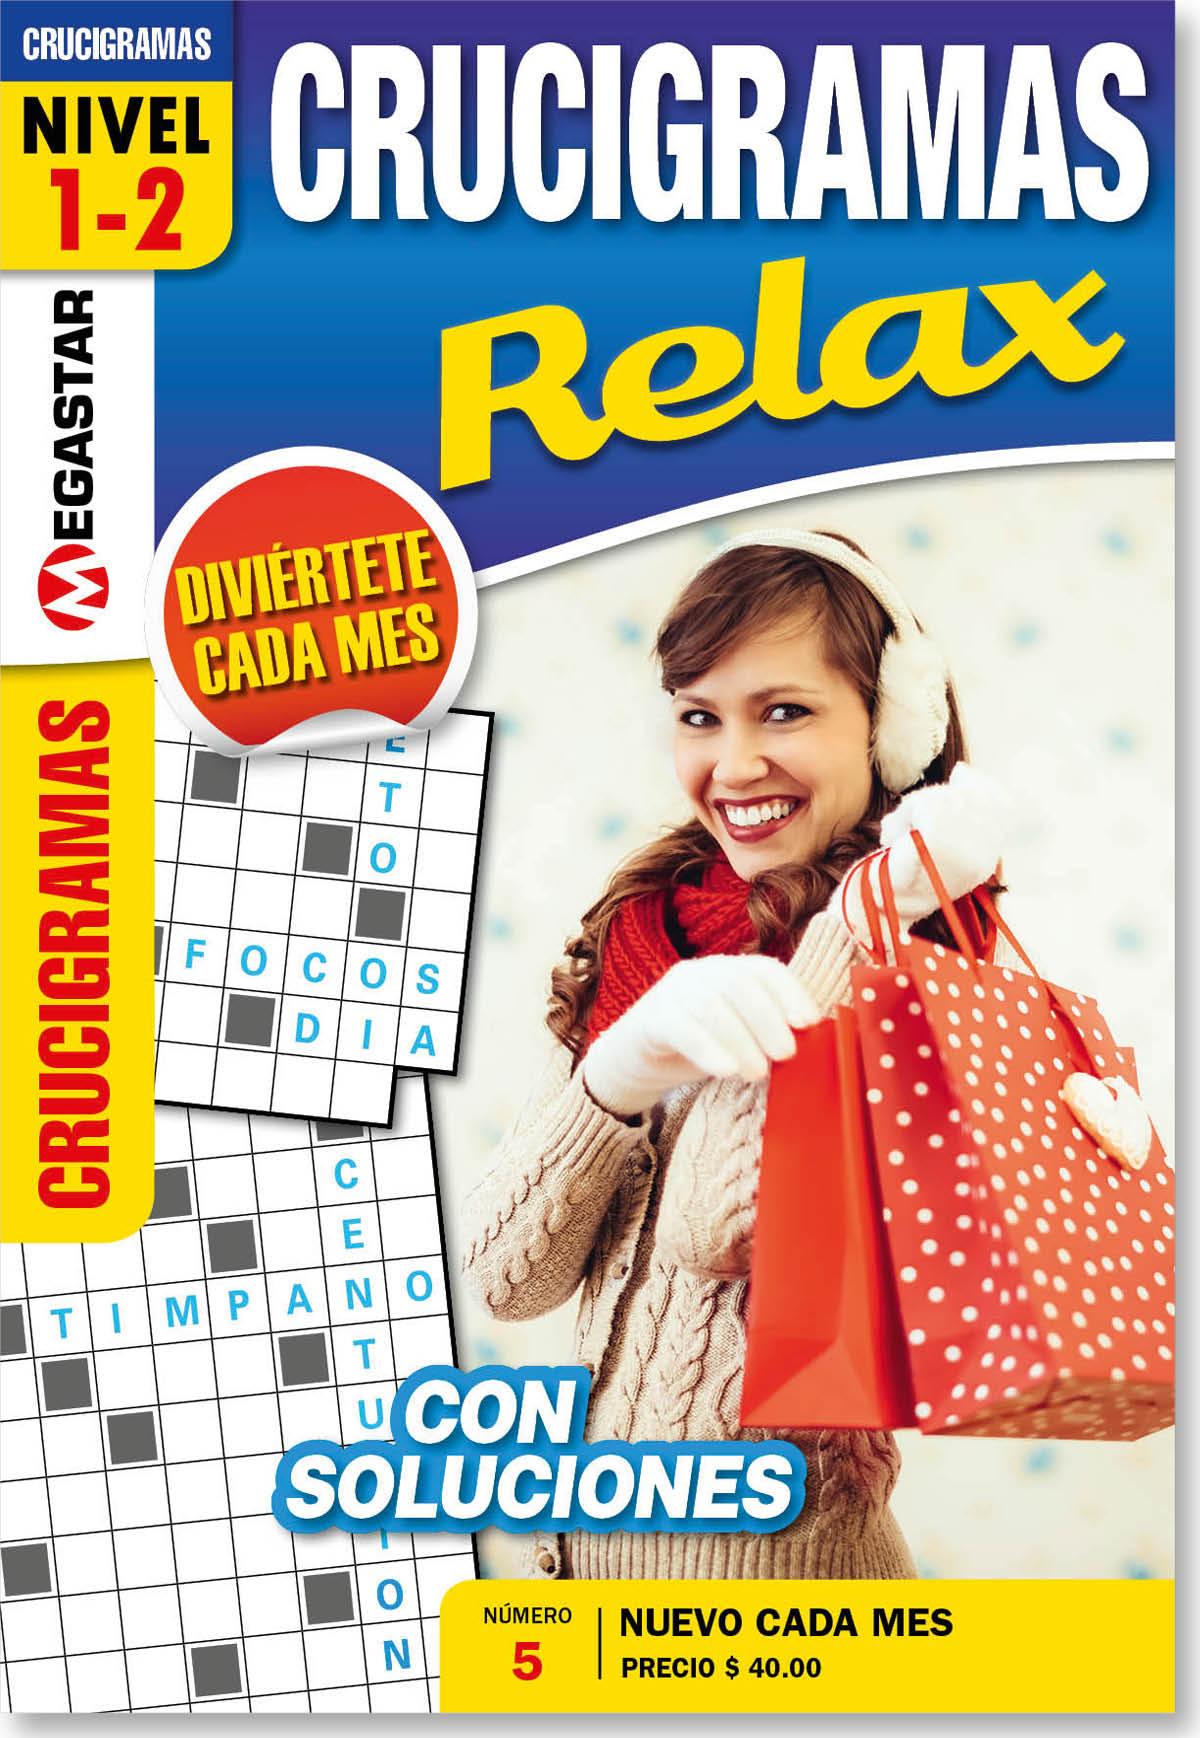 CRUCIGRAMAS RELAX MEXICO